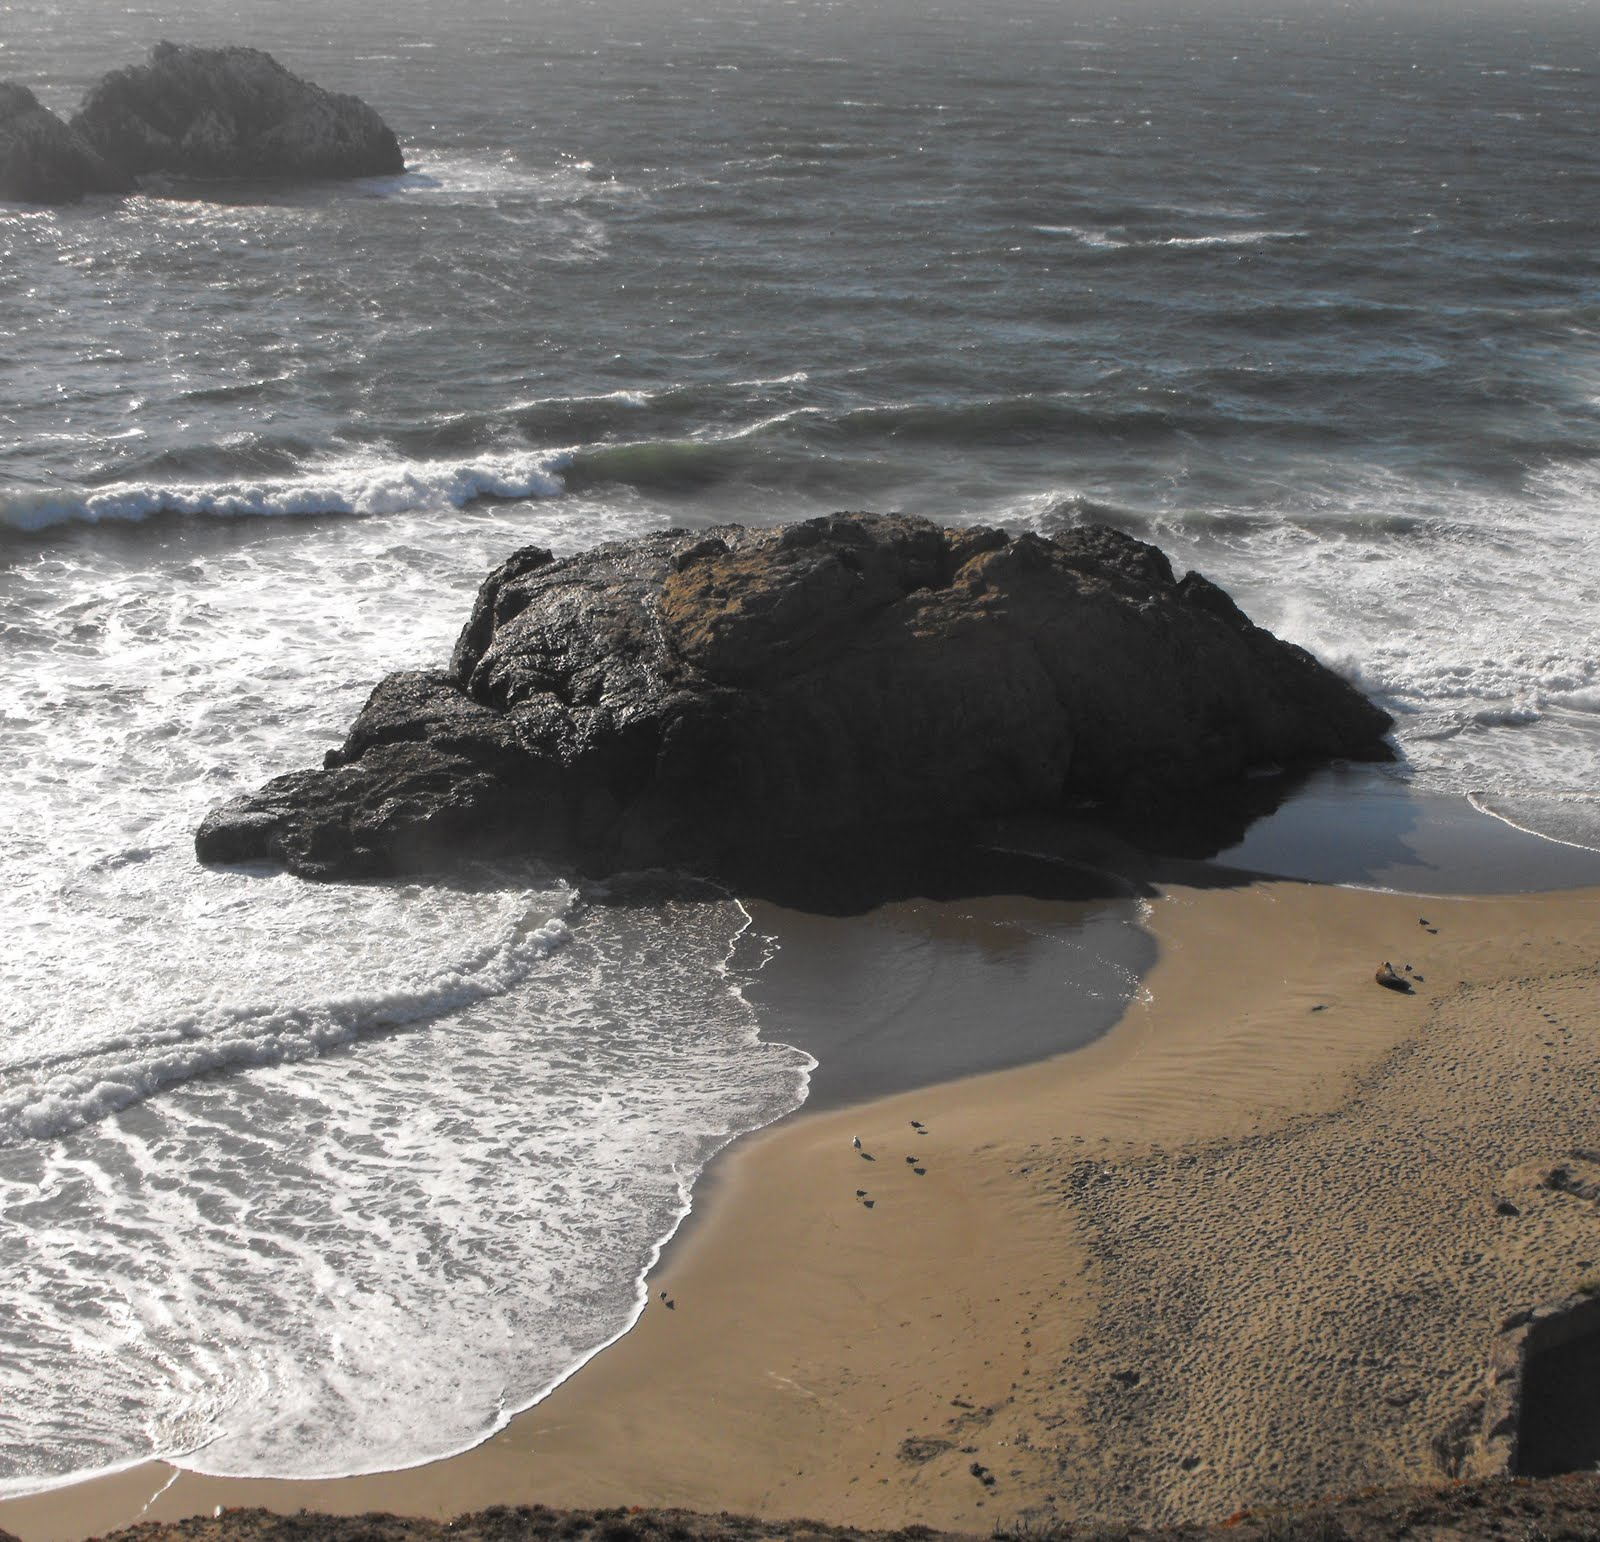 California Pacific Ocean Coast Stock Image - Image: 9986171  |Pacific Ocean California